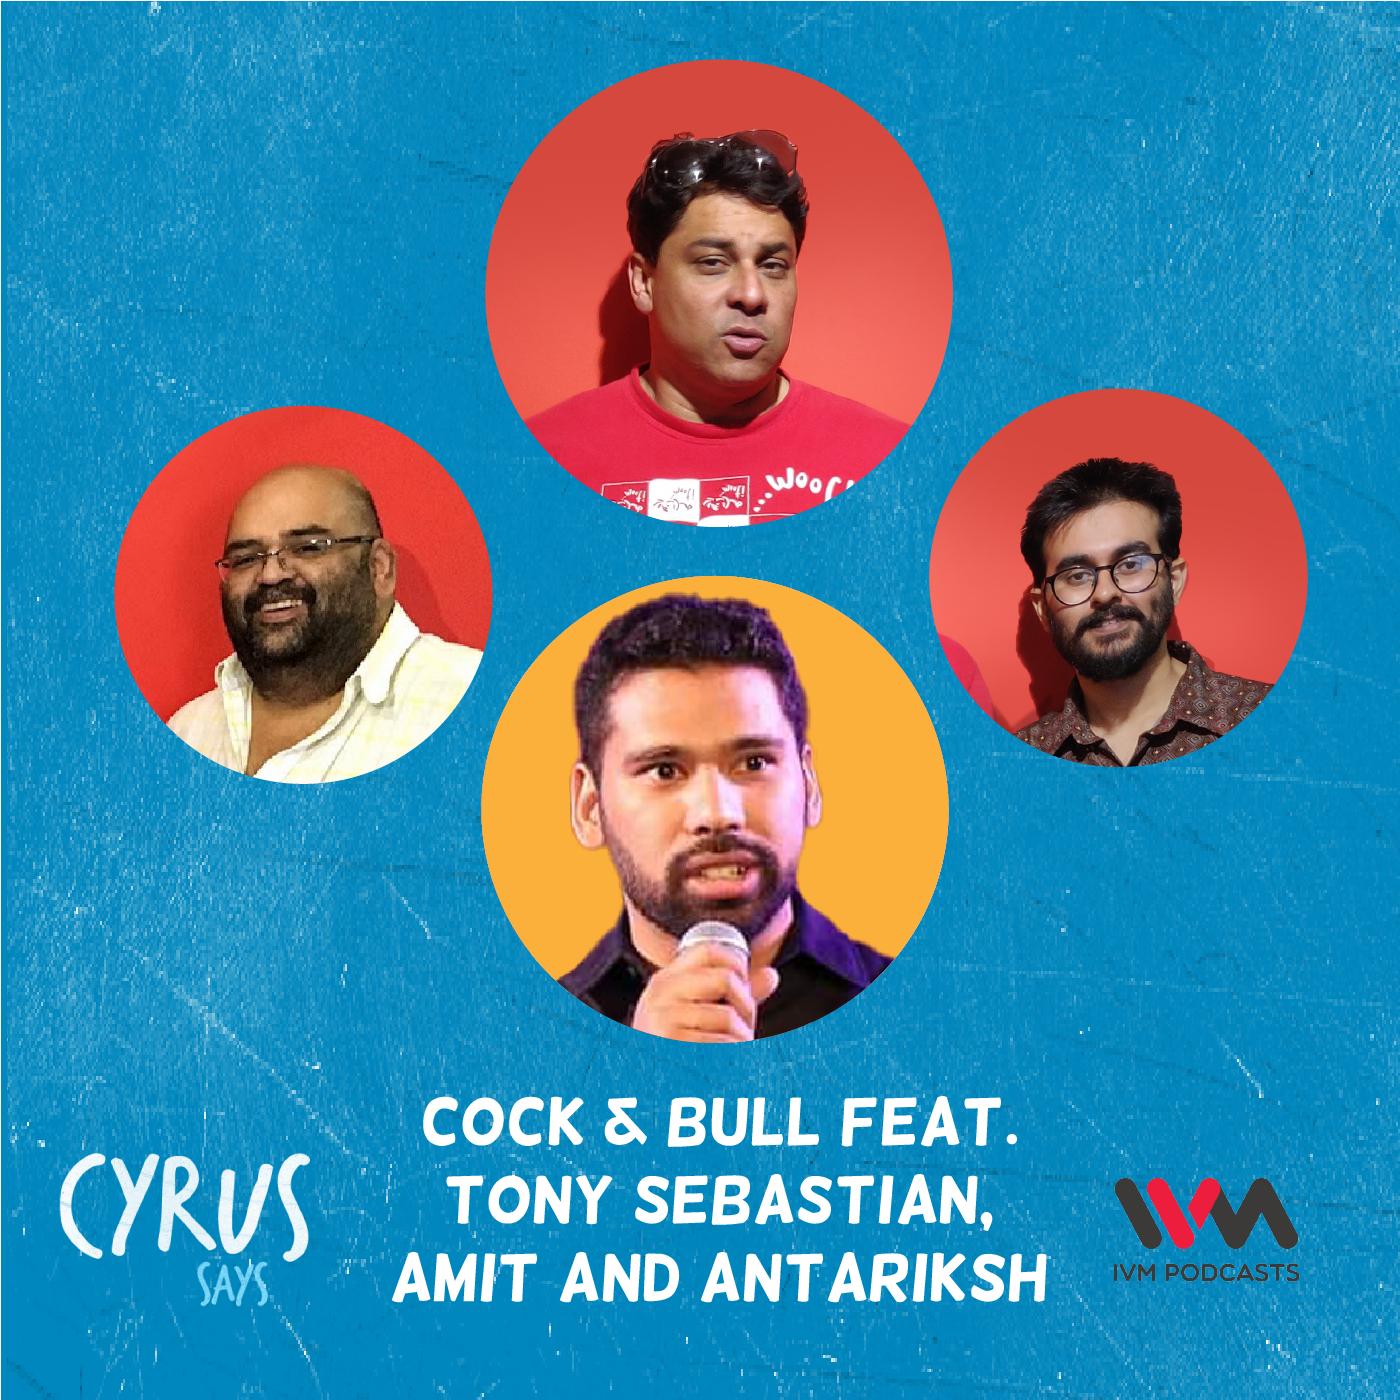 Ep. 636: Cock & Bull feat. Tony Sebastian, Amit and Antariksh